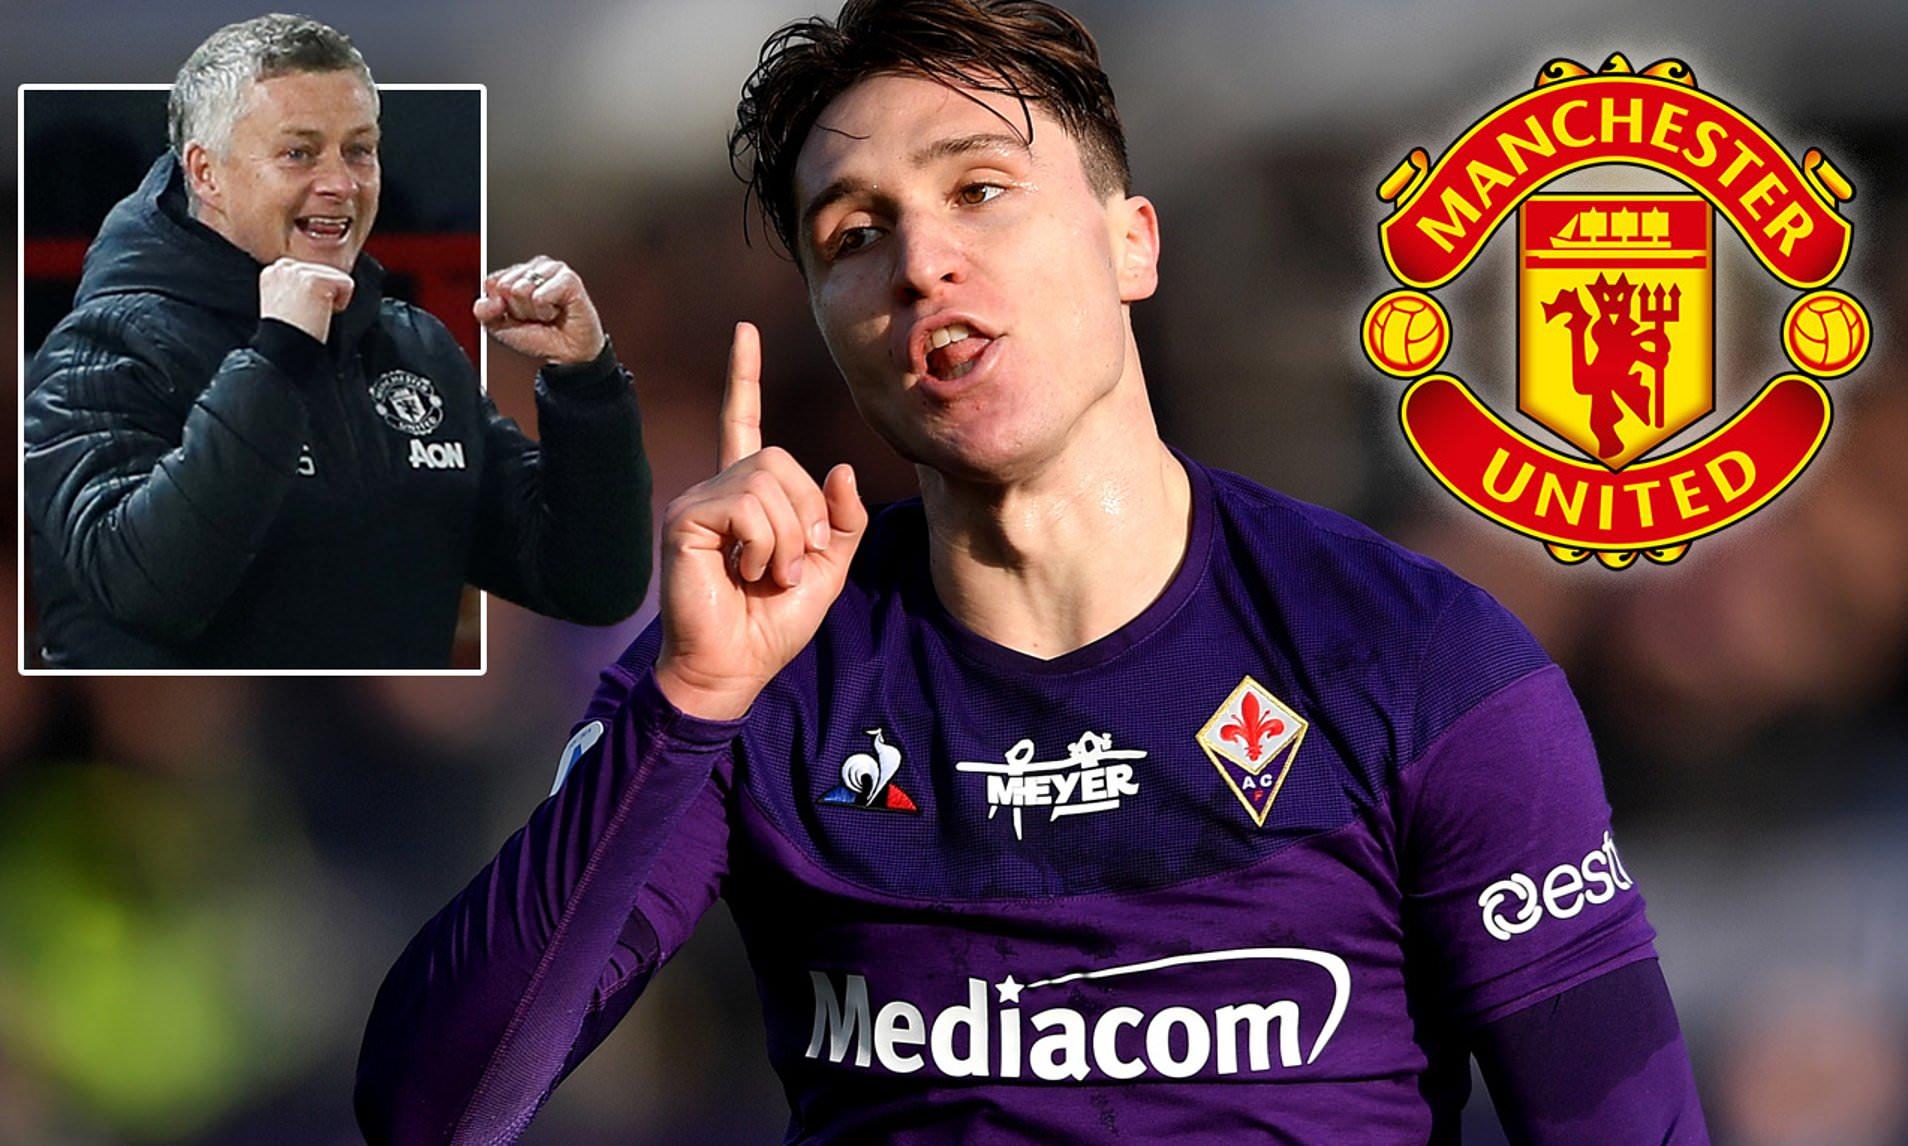 Man Utd chi 55 triệu euro cho Federico Chiesa - Bóng Đá